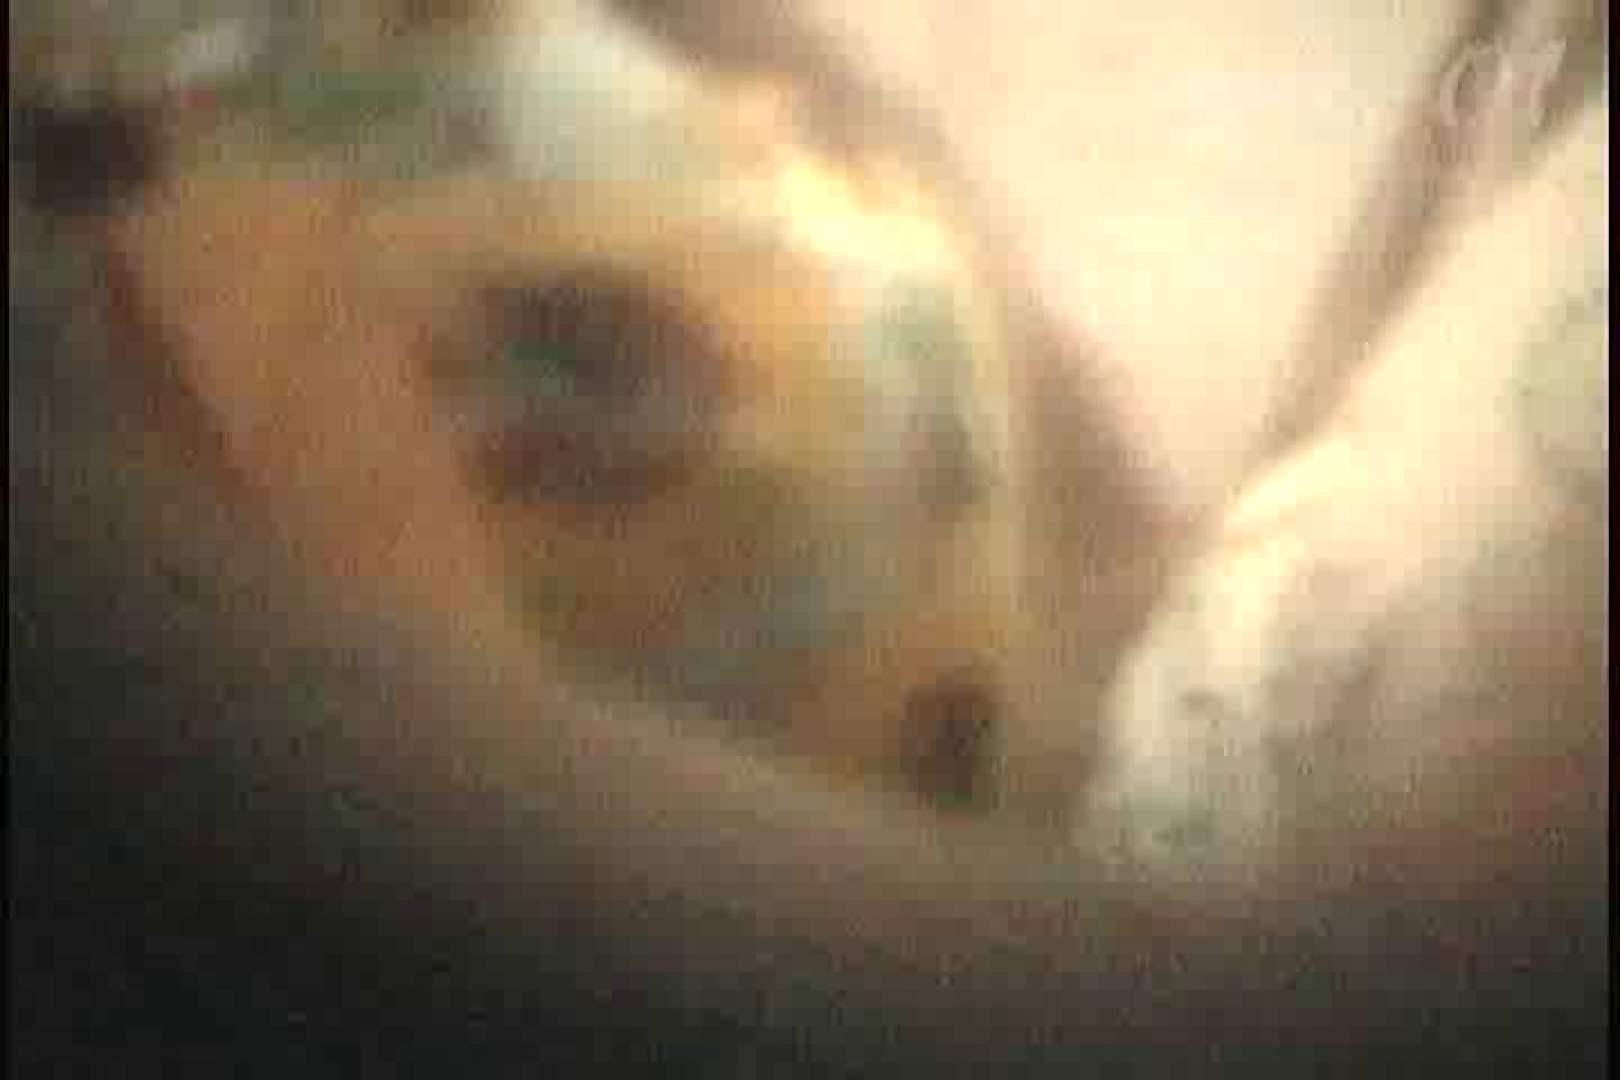 サターンさんのウル技炸裂!!夏乙女★海の家シャワー室絵巻 Vol.01 シャワー室 戯れ無修正画像 108枚 11